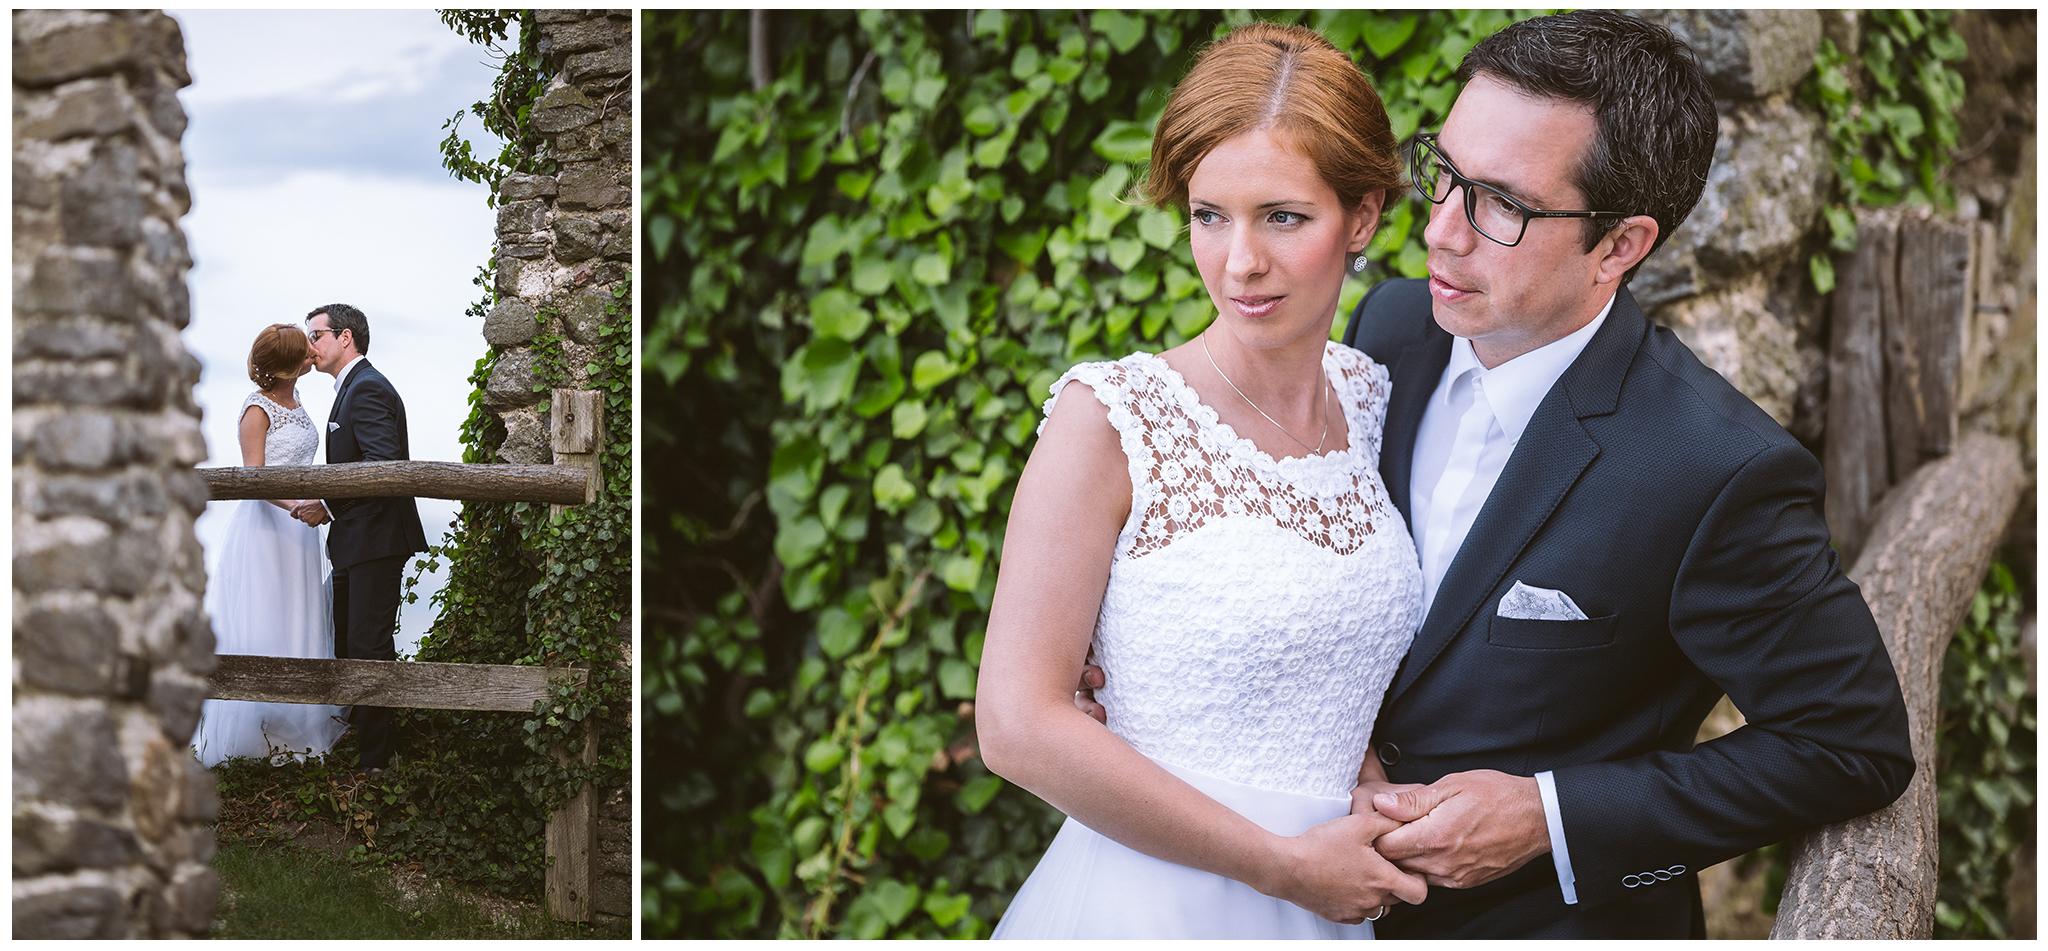 FylepPhoto, esküvőfotós, esküvői fotós Körmend, Szombathely, esküvőfotózás, magyarország, vas megye, prémium, jegyesfotózás, Fülöp Péter, körmend, kreatív, fotográfus_7.jpg